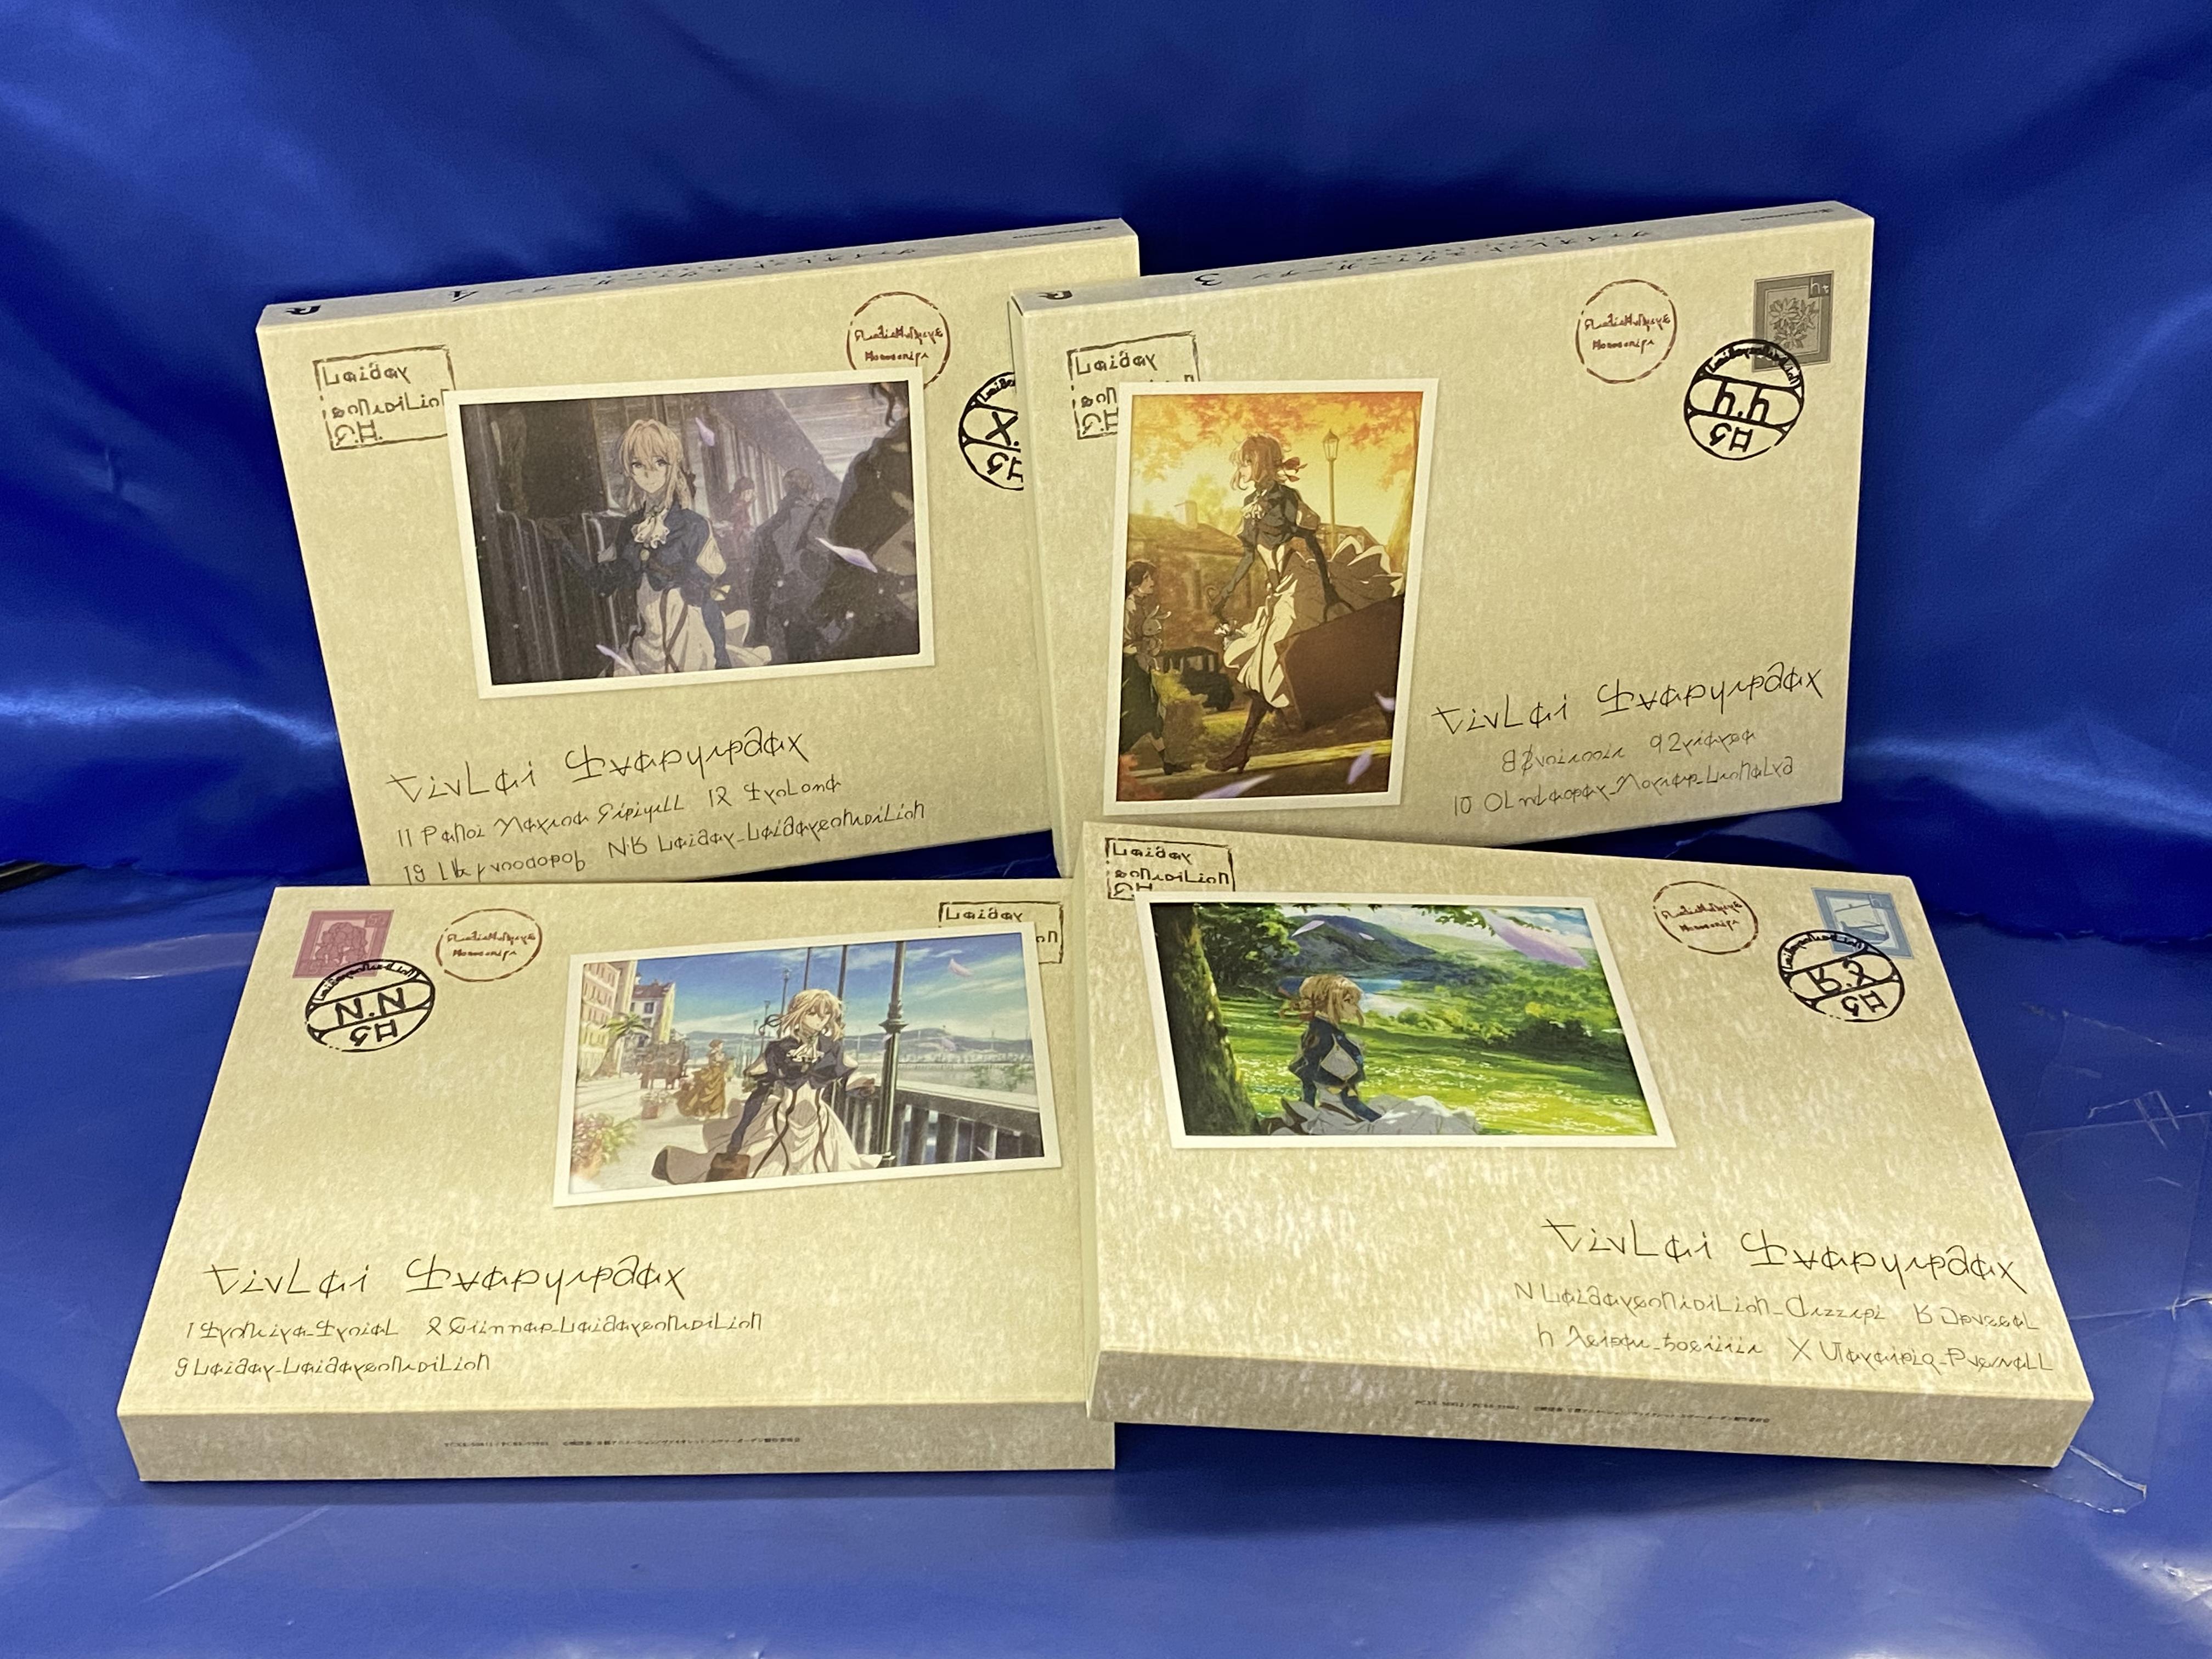 買取情報『京都アニメーションのヴァイオレット・エヴァーガーデン初回版 Blu-ray全4巻セット』